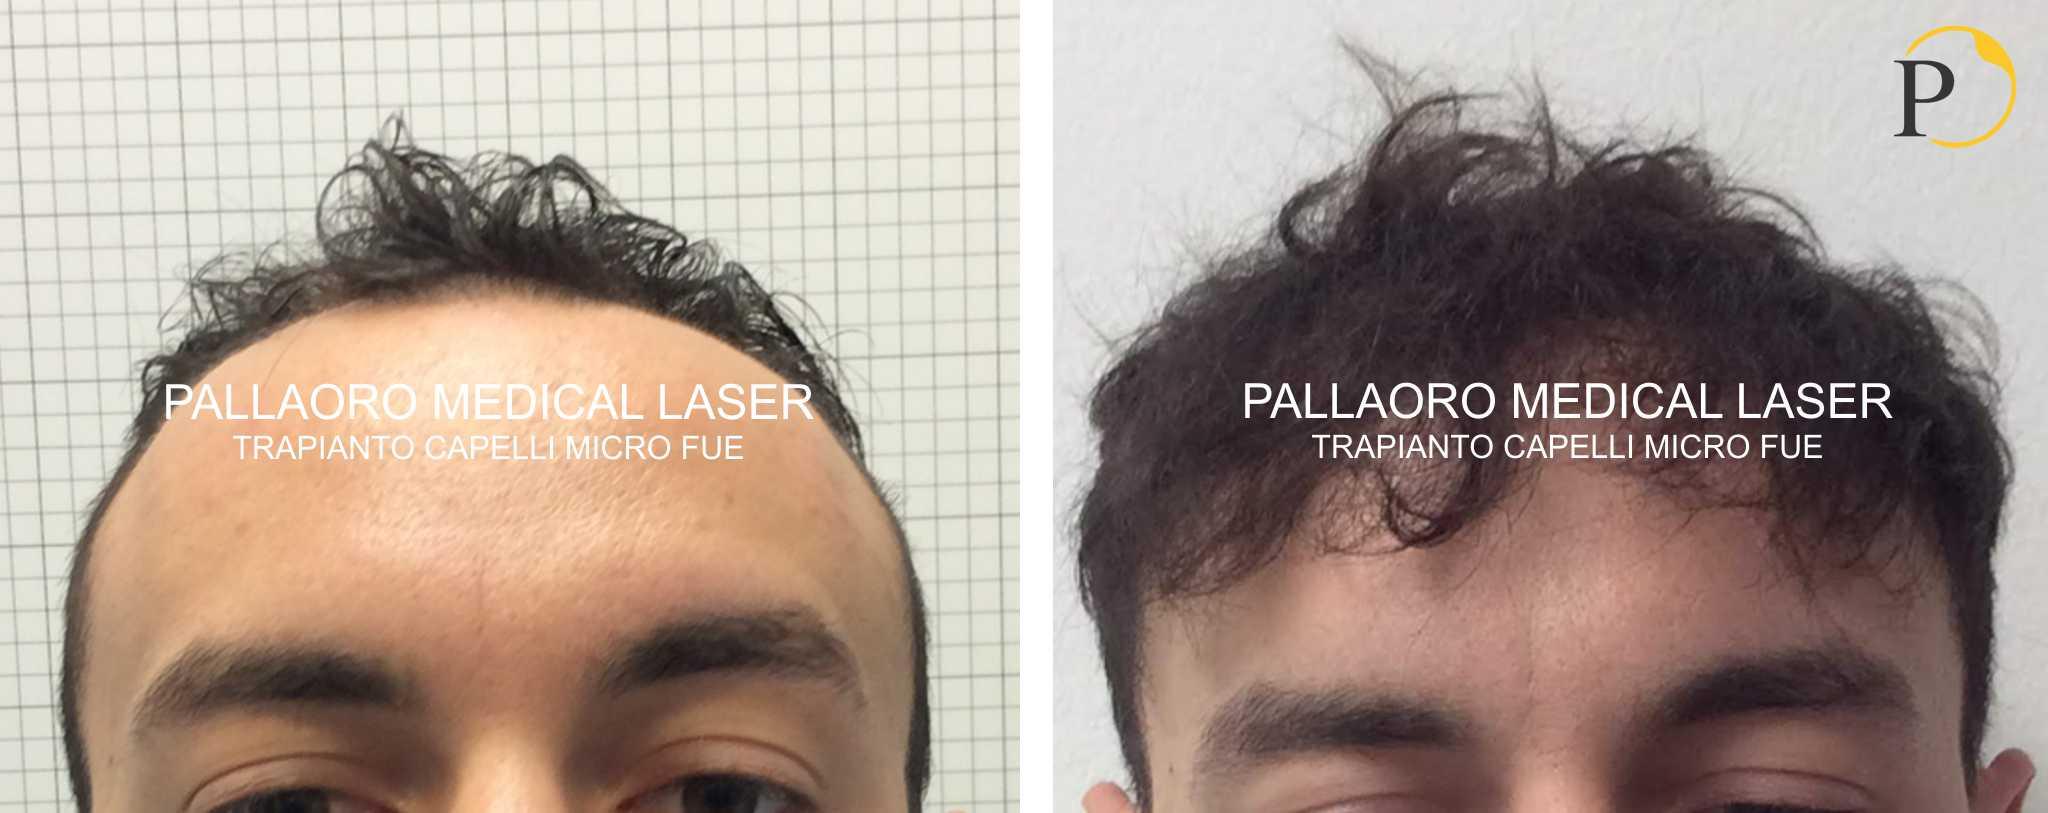 trapianto capelli 19-0602